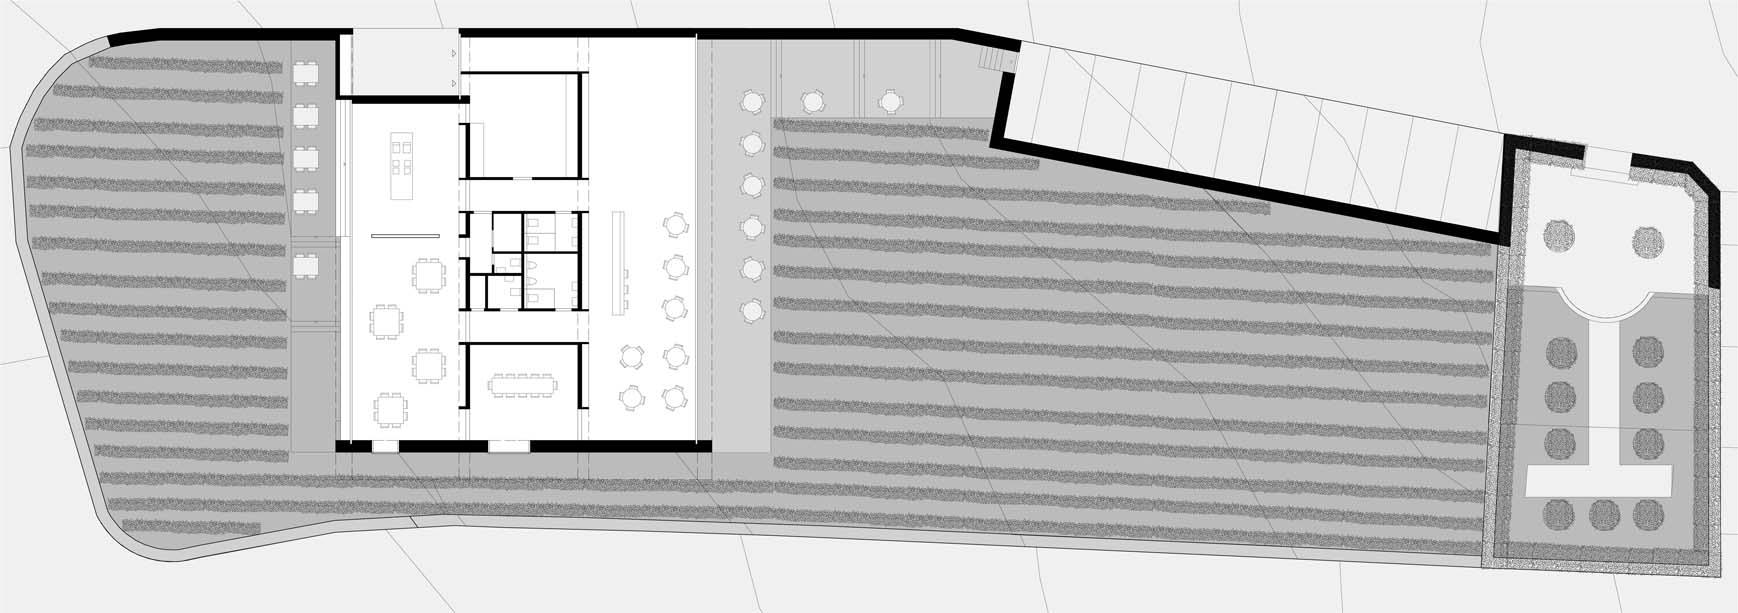 maison des vins Monte-sur-Rolle vue plan de sol_rez chaussée STUDIO CORNEL STAEHELI